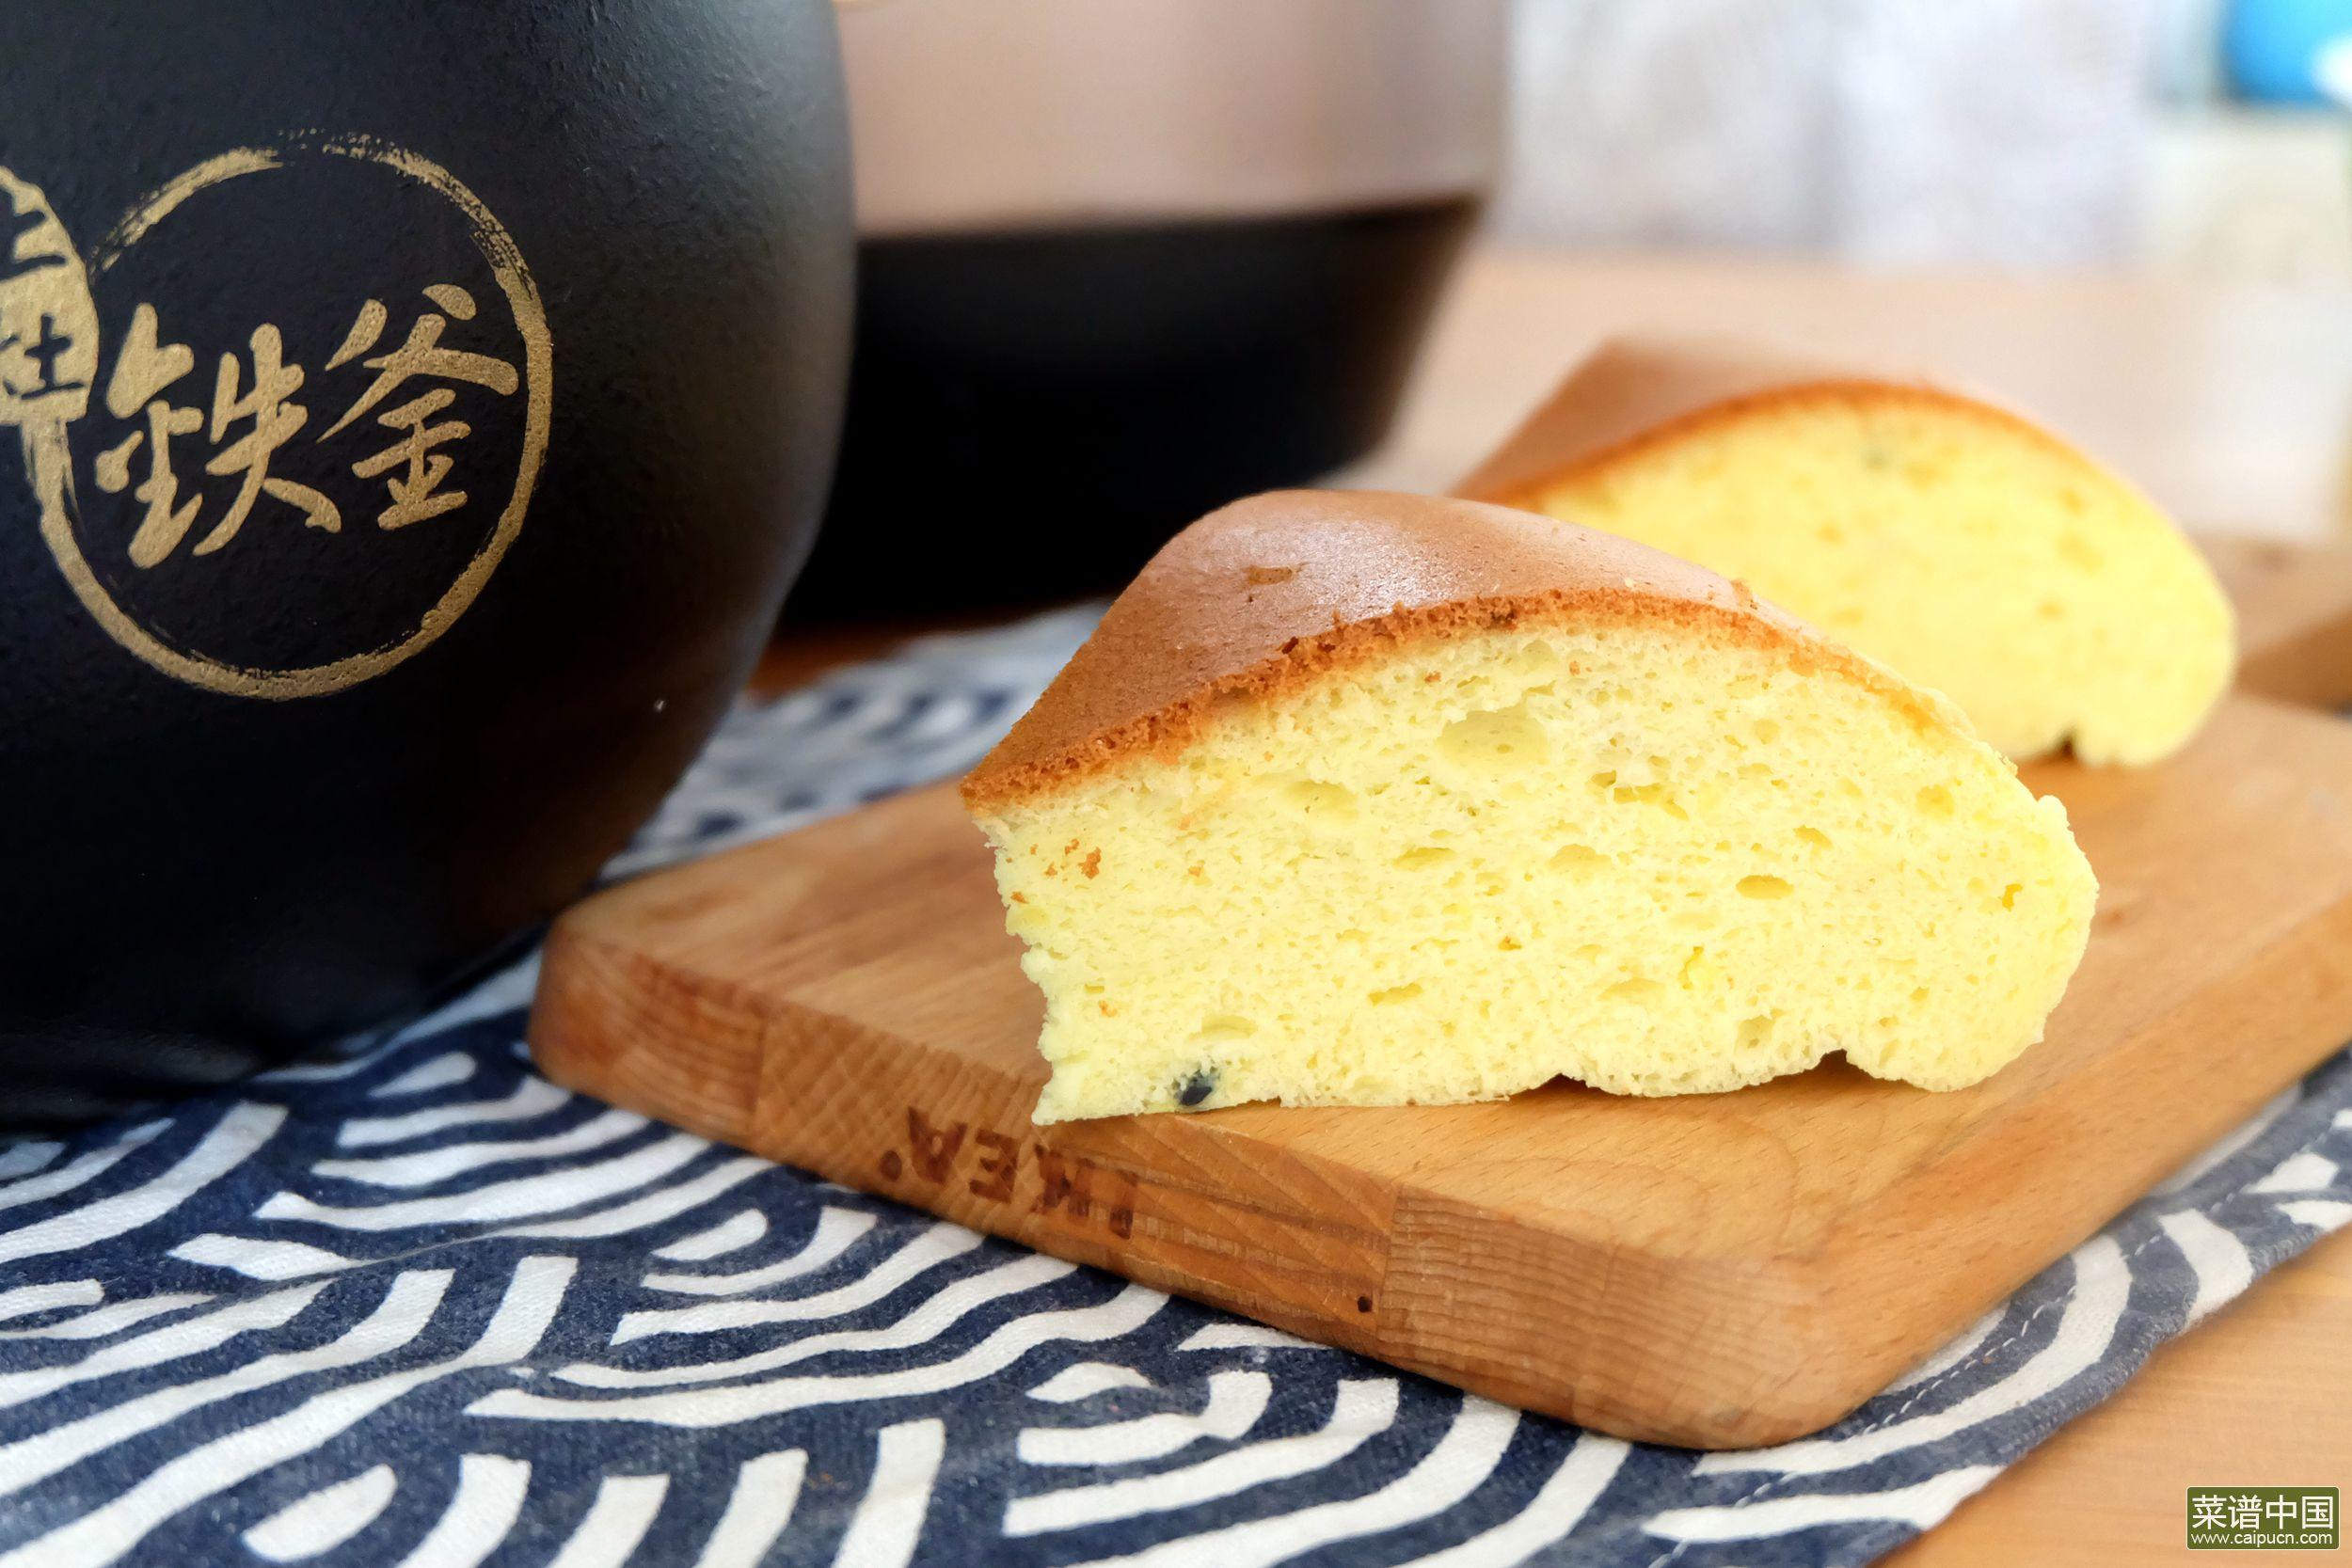 【93度铁定香】百香果戚风蛋糕的做法步骤15